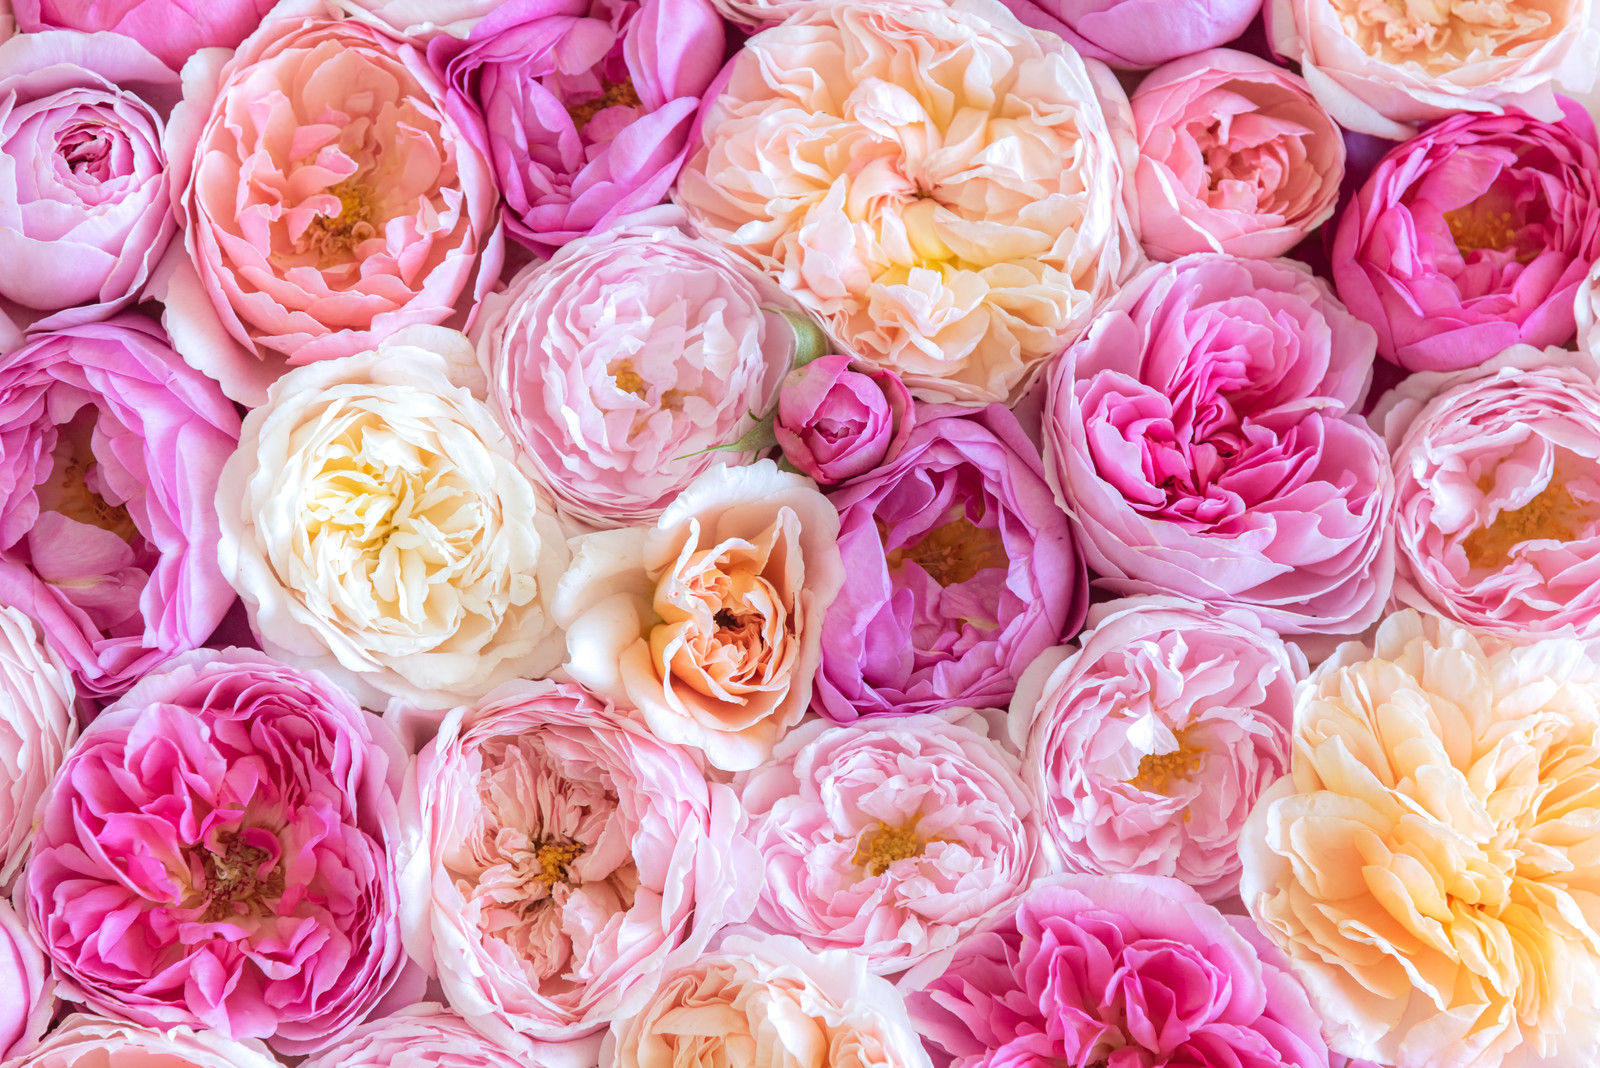 「敷き詰める薔薇のテクスチャ」の写真